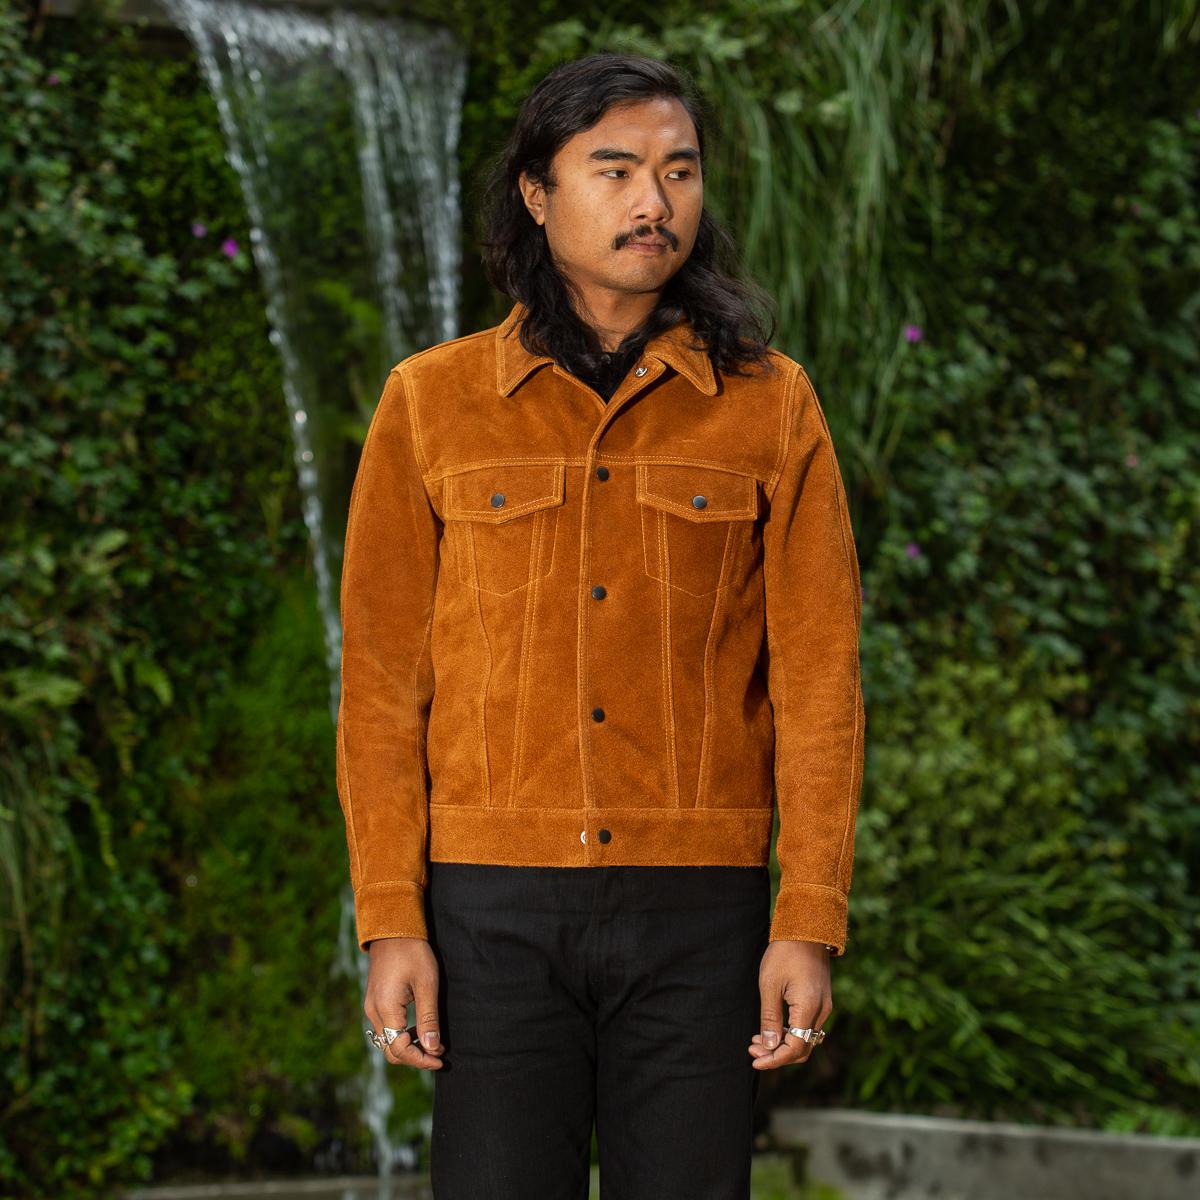 Y'2 Leather - Steer Suede 3rd Type Jacket (TB-139)-Onbody-5760 x 3840-20.jpg